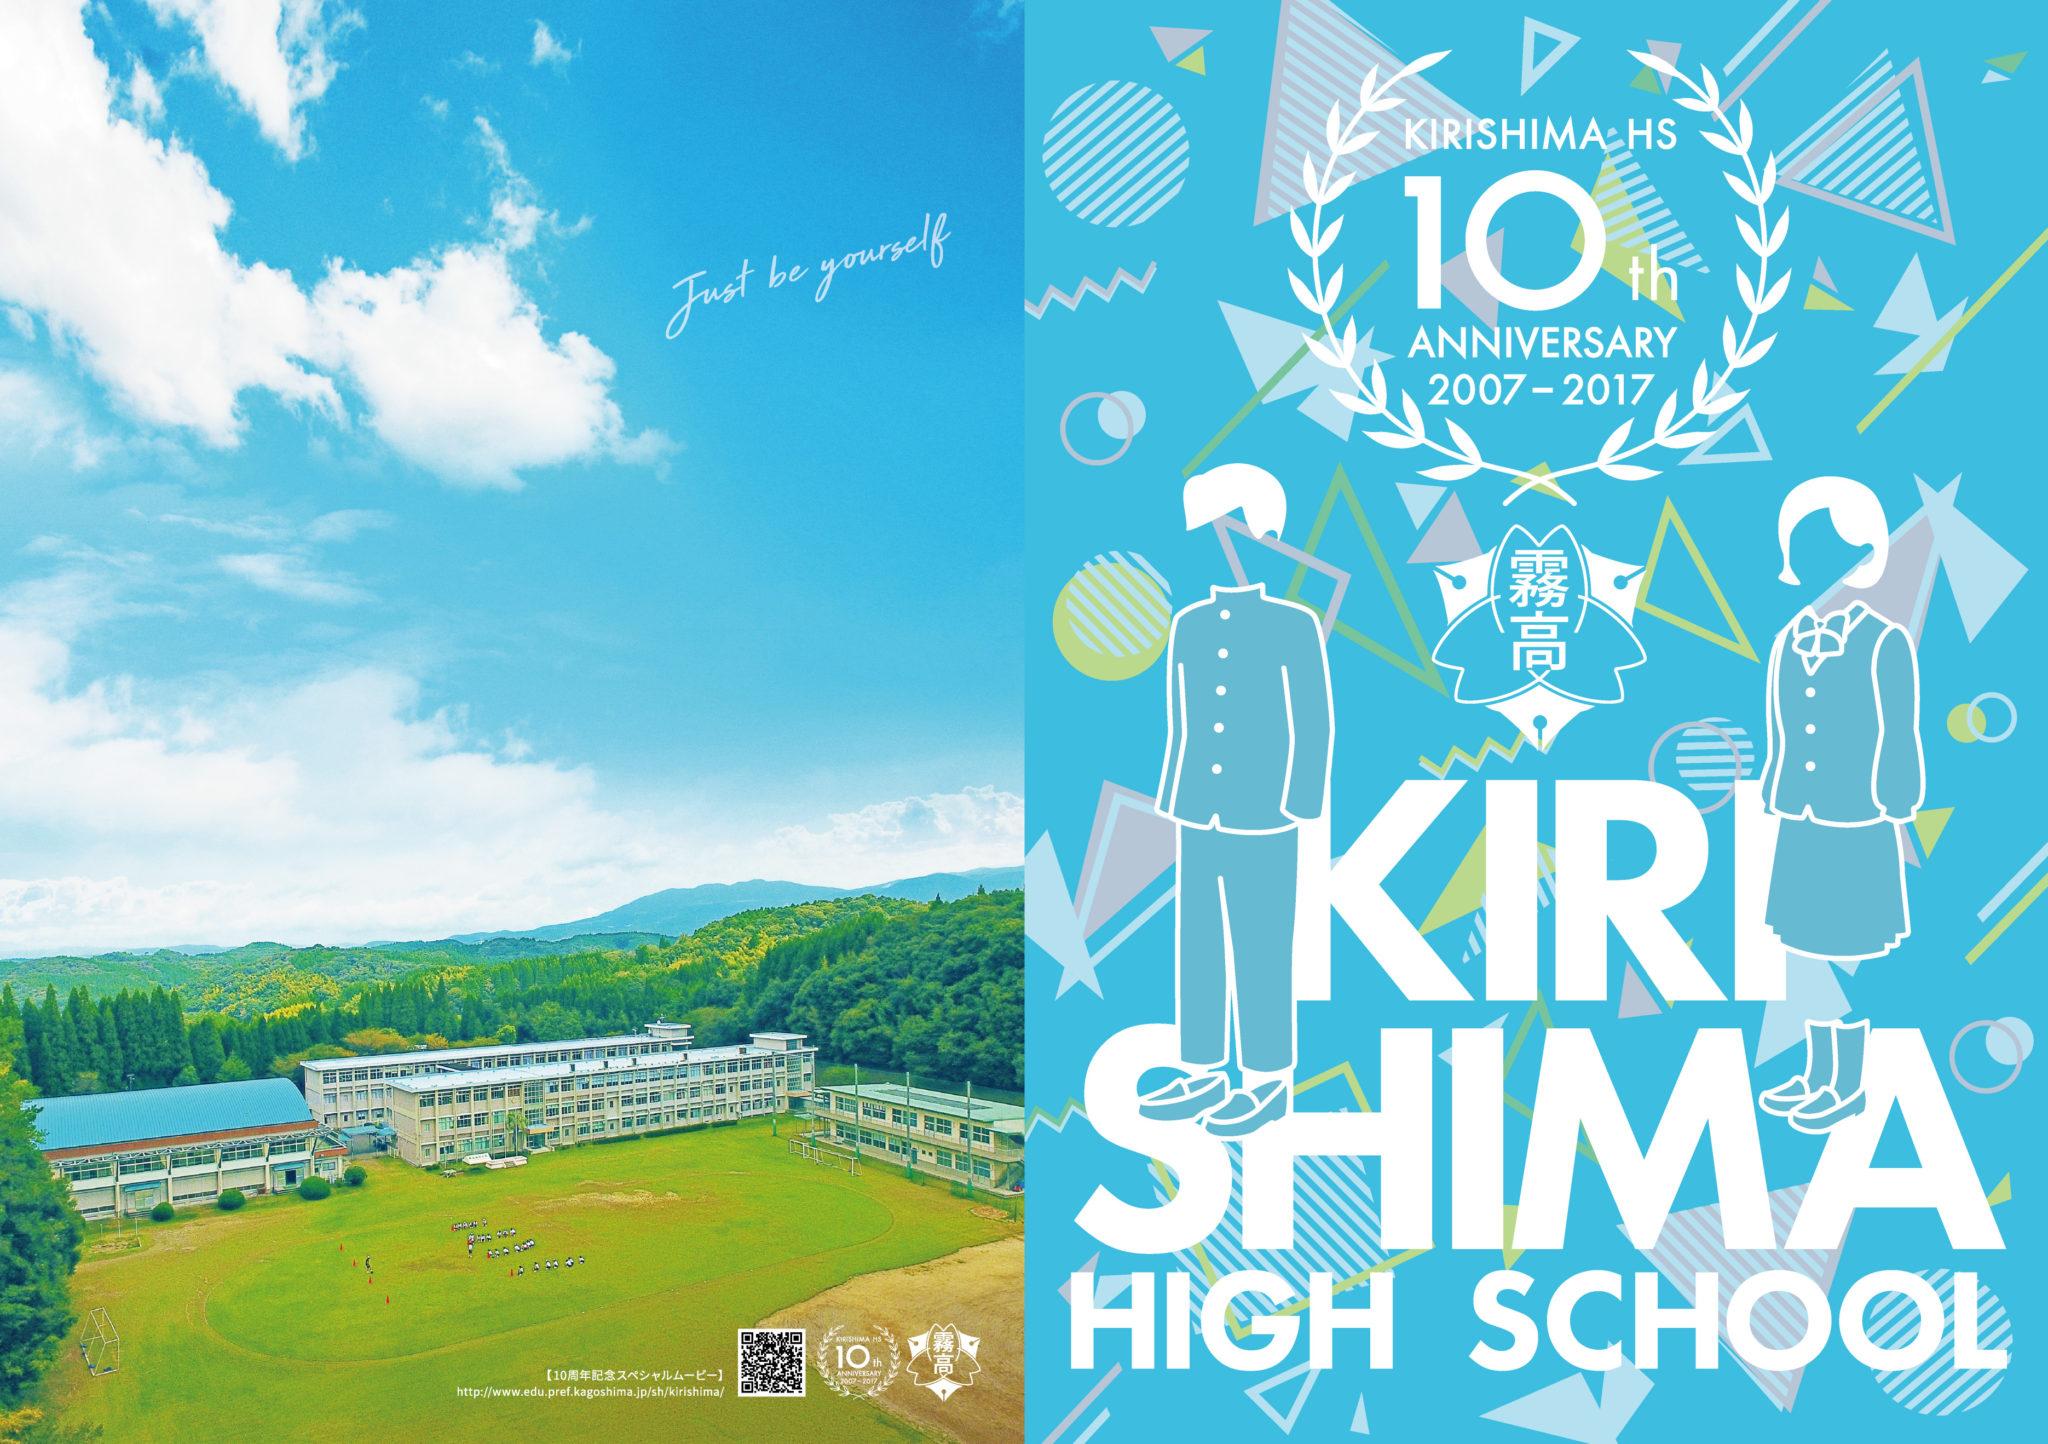 鹿児島県立 霧島高等学校 10周年記念クリアファイル